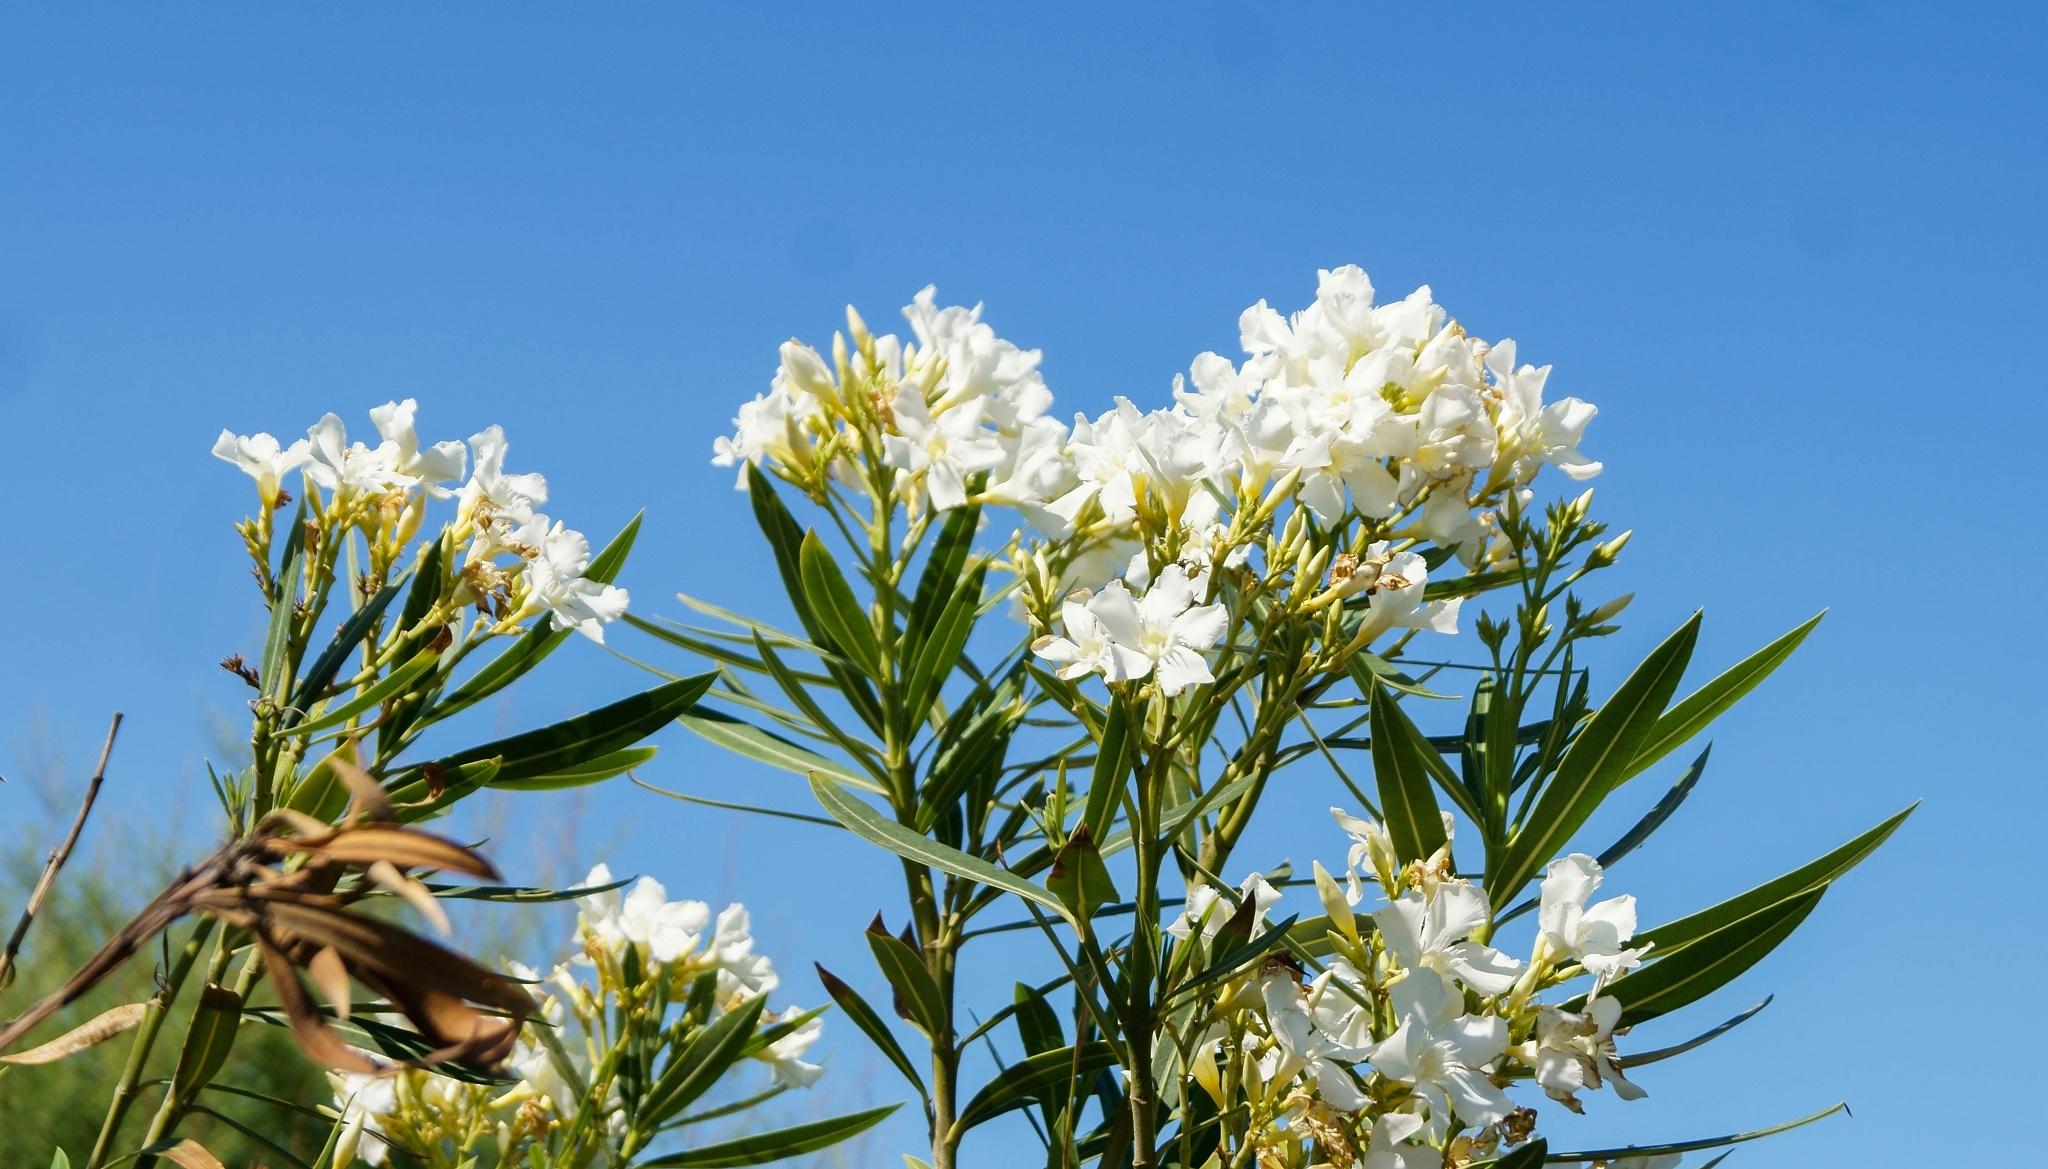 White oliander flower by SaraEkberg